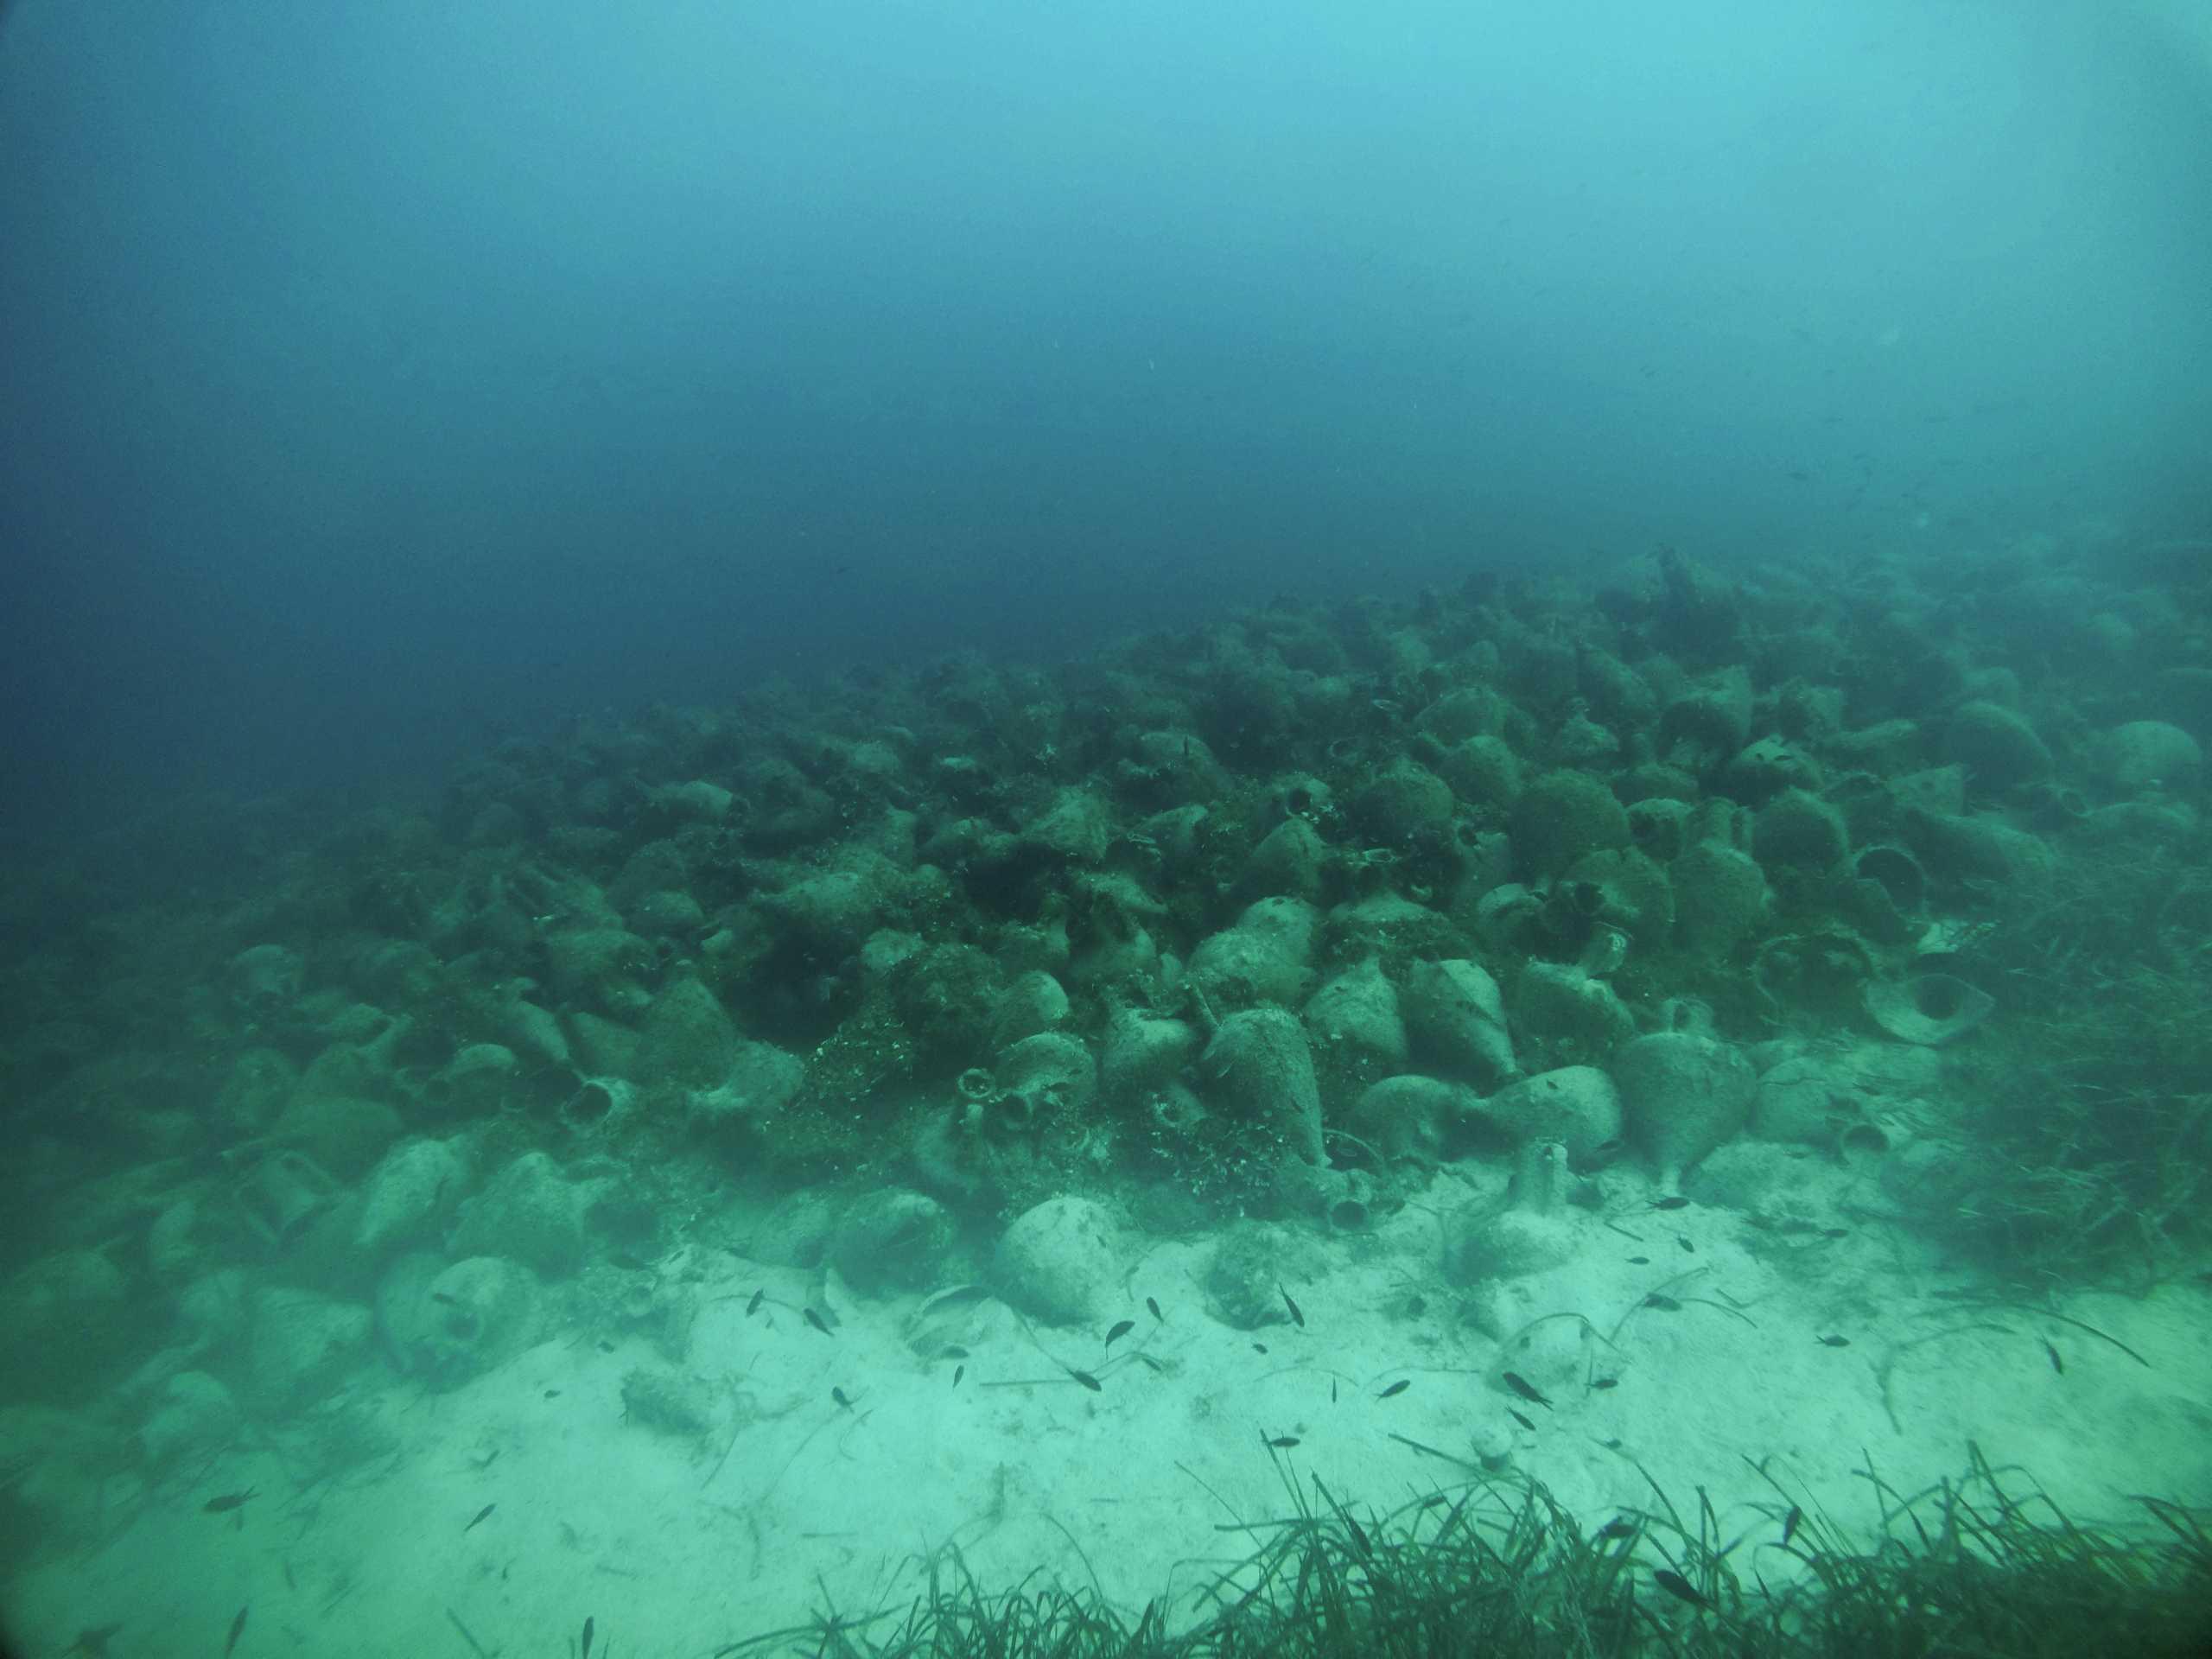 Ανοίγει ο υποθαλάσσιος αρχαιολογικός χώρος στην Αλόννησο